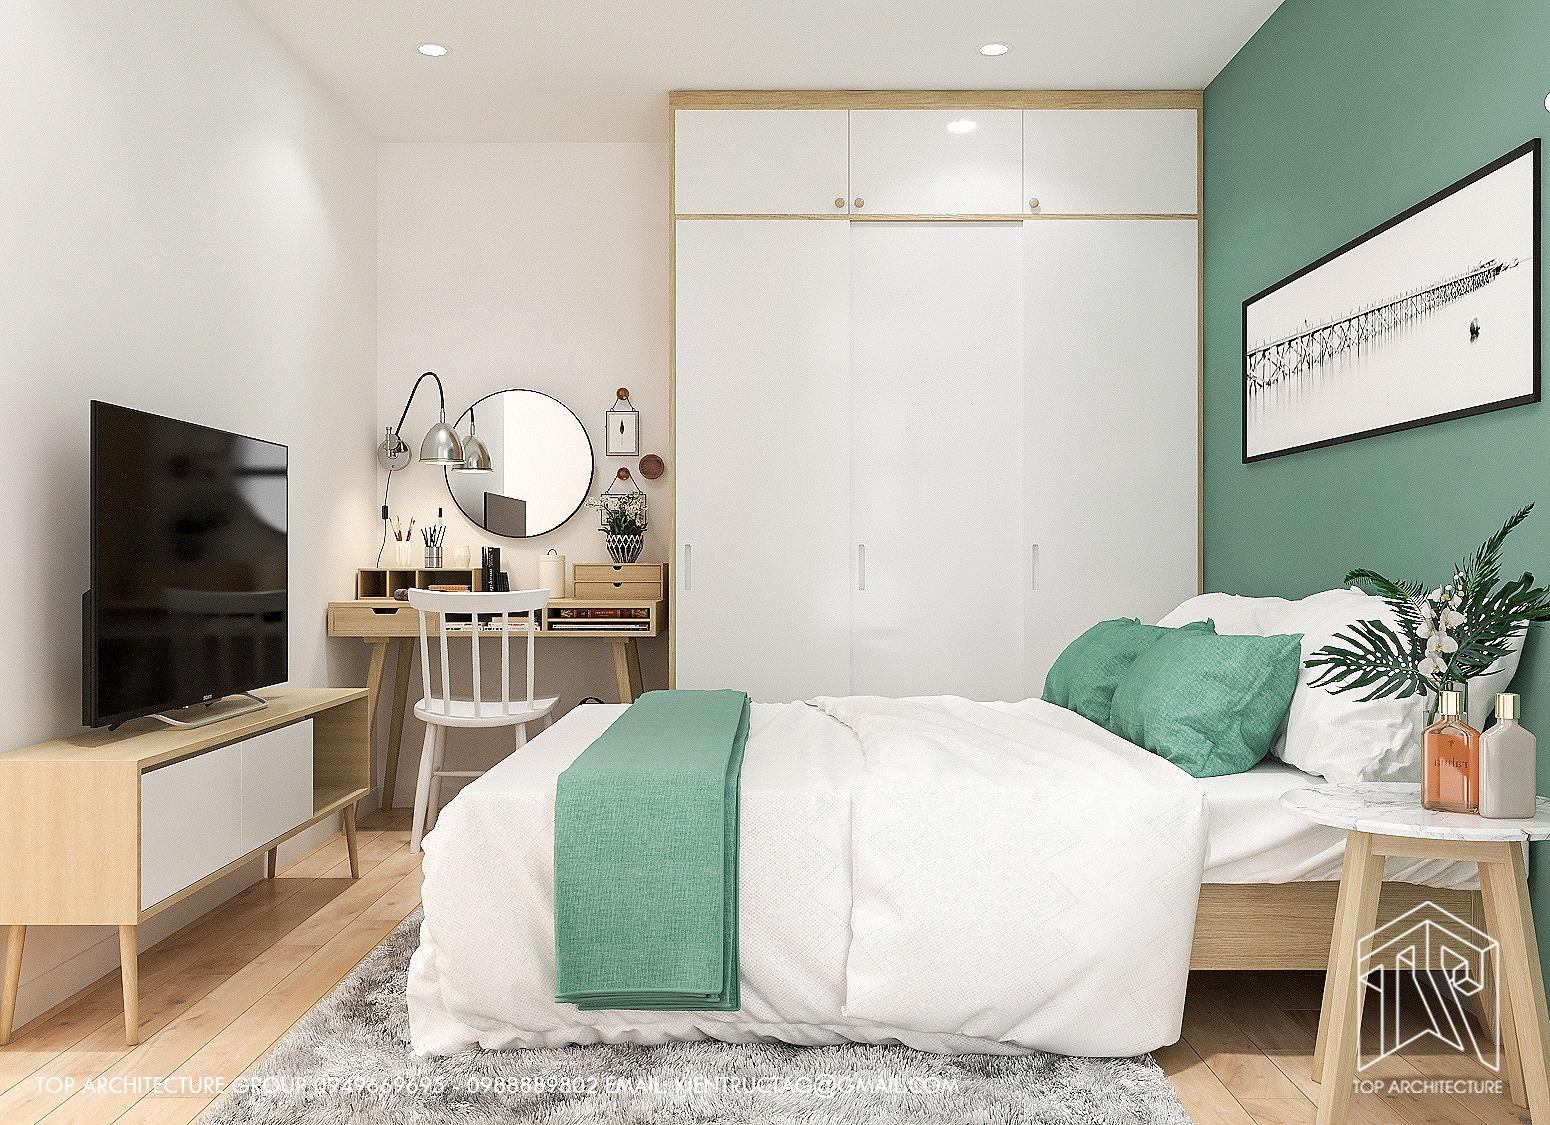 Thiết kế nội thất Chung Cư tại Hà Nội Chung cư 2 ngủ GreenBay 1626186171 7